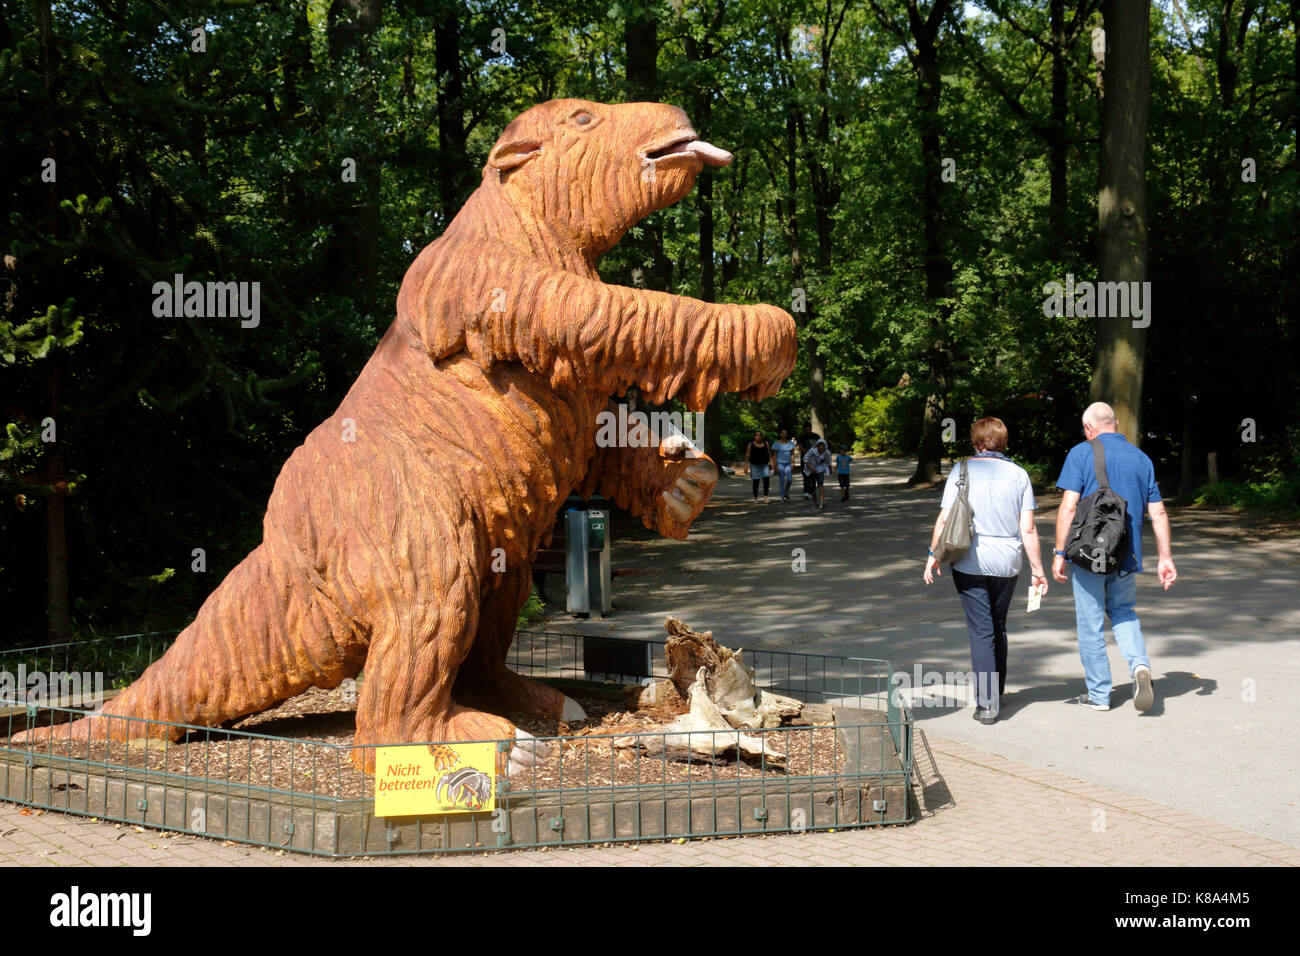 D-Dortmund, Ruhr area, Westphalia, North Rhine-Westphalia, NRW, D-Dortmund-Bruenninghausen, zoological garden Dortmund, - Stock Image